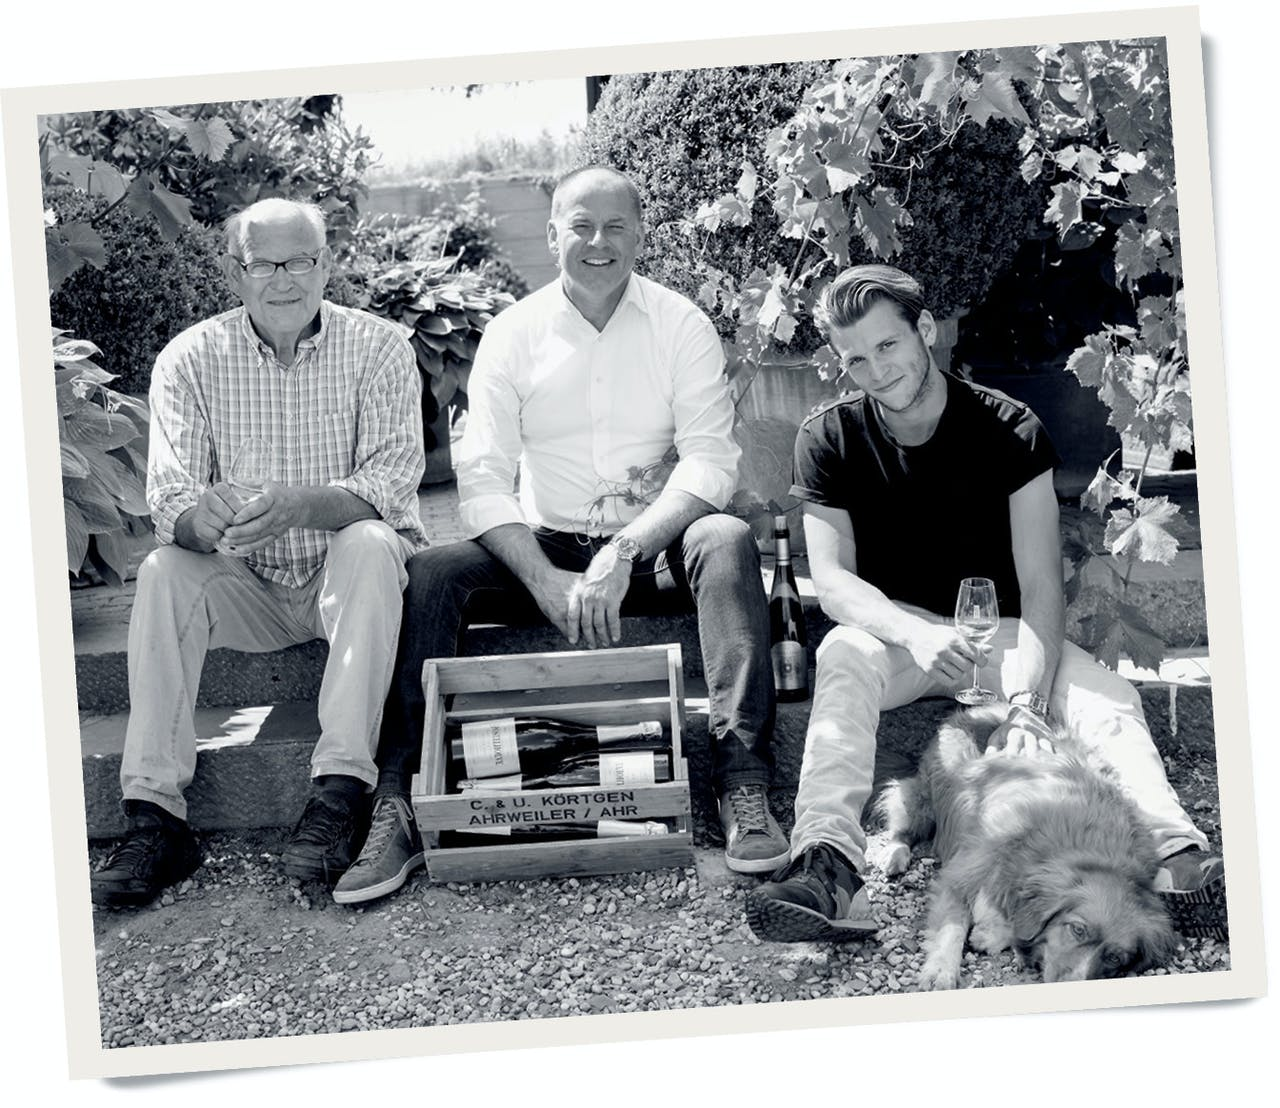 Drie generaties wijnmakers. Van links naar rechts: Hugo, Mathieu en Robin Hulst.